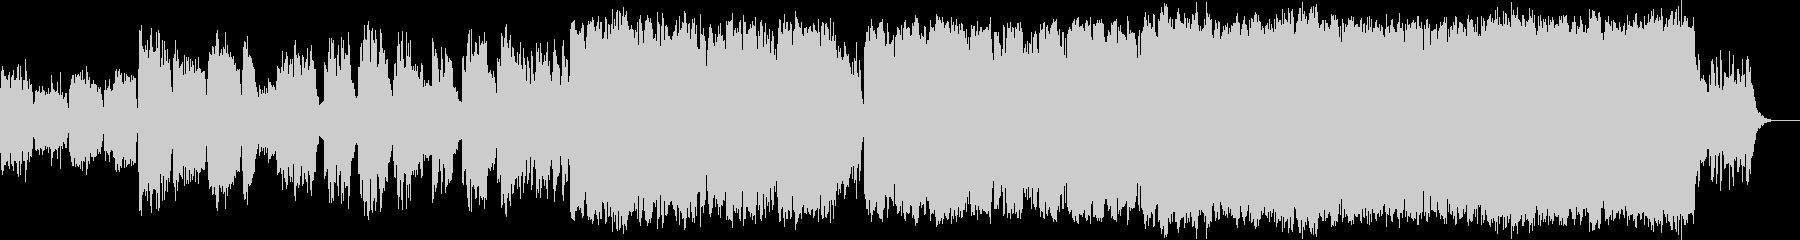 冬の定番ジングルベルアレンジ版の未再生の波形